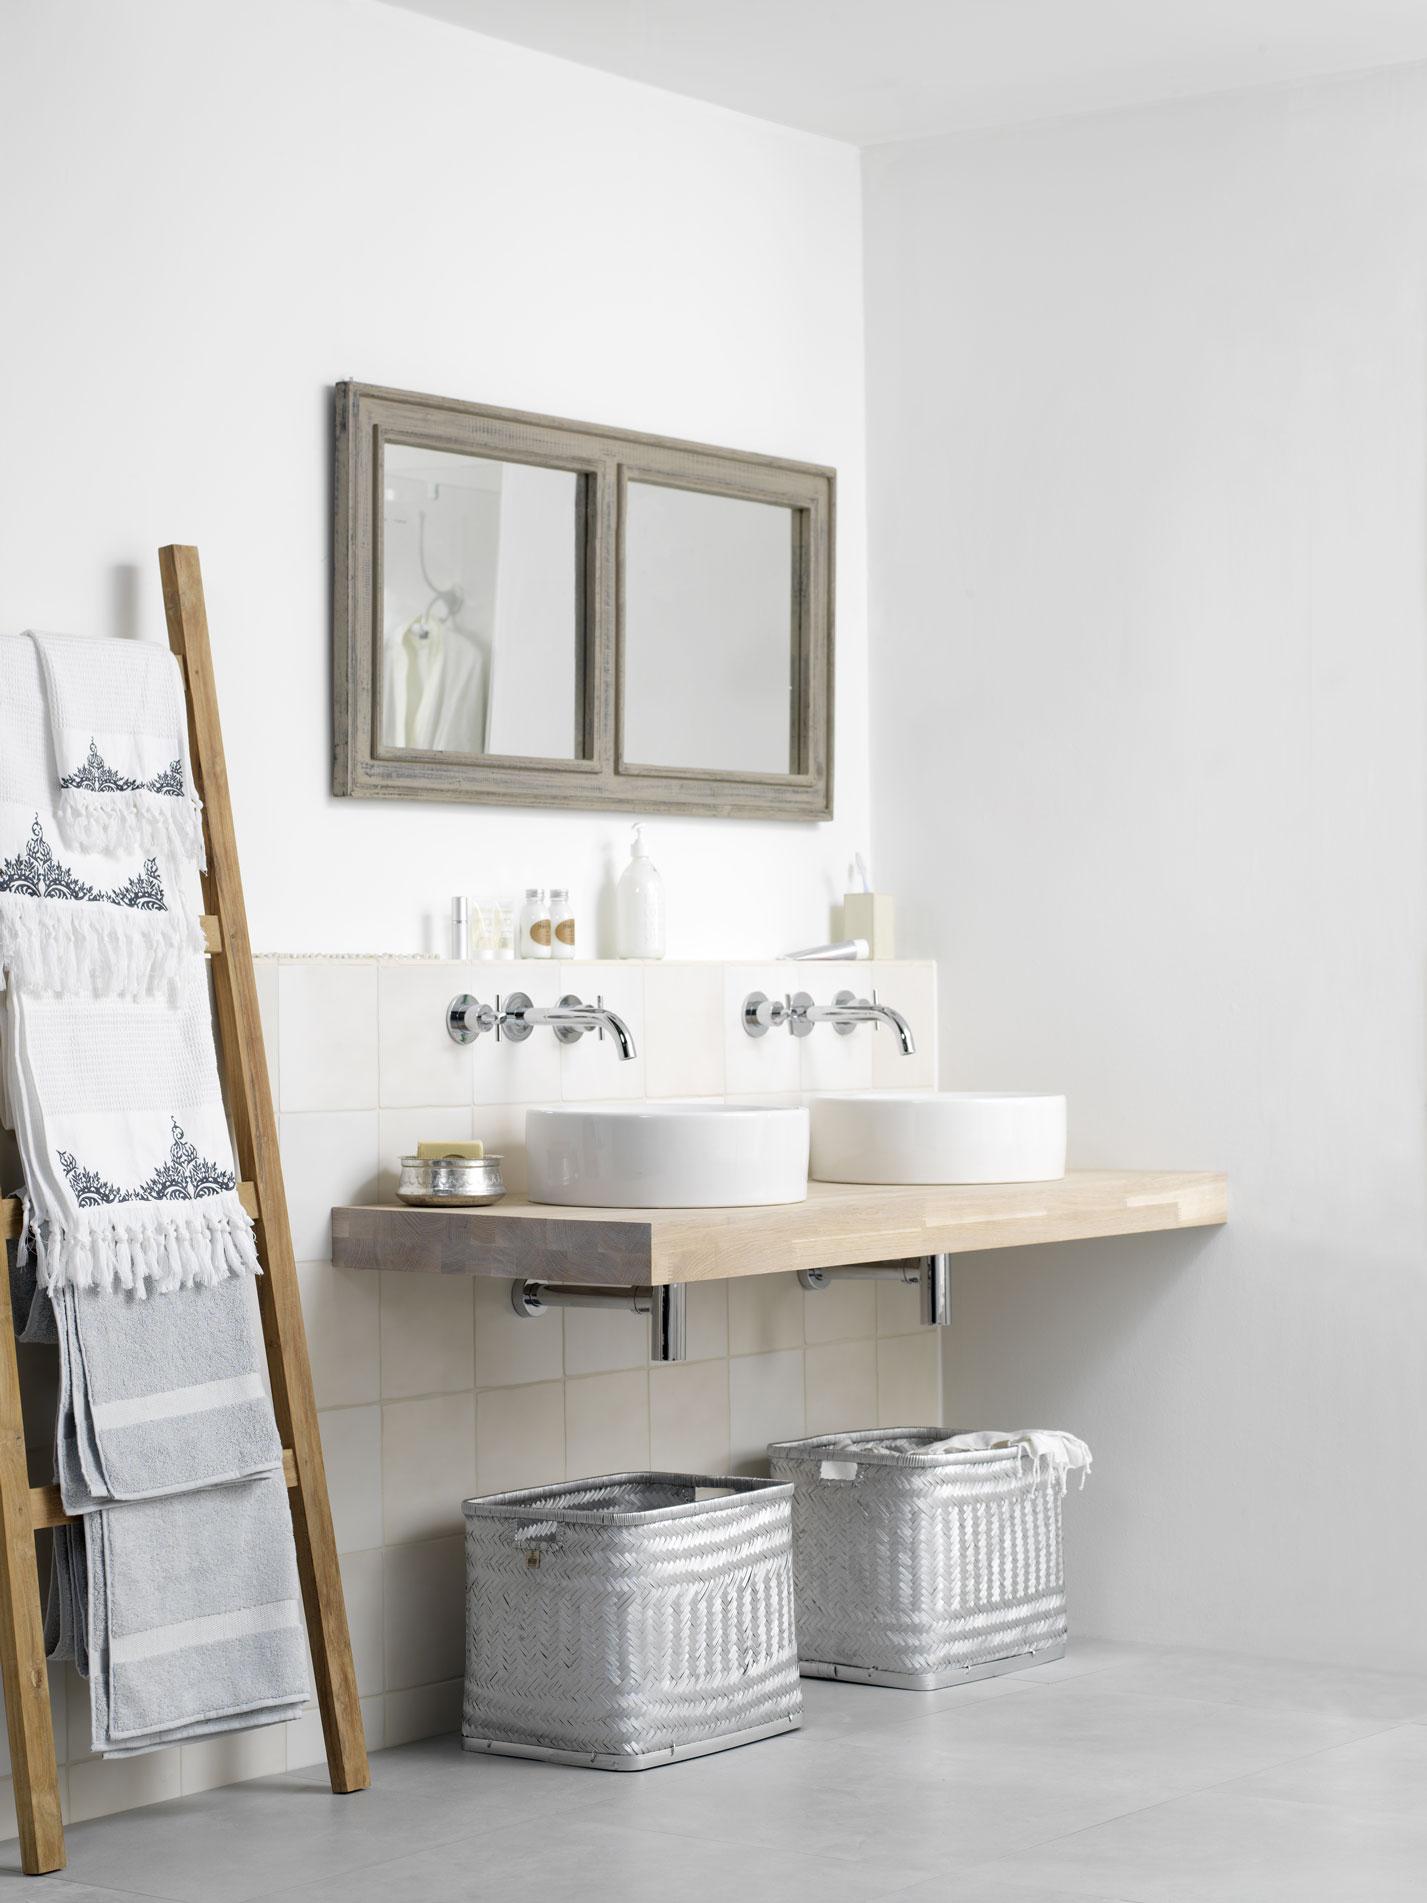 badkamer keuken duitsland  brigee, Meubels Ideeën